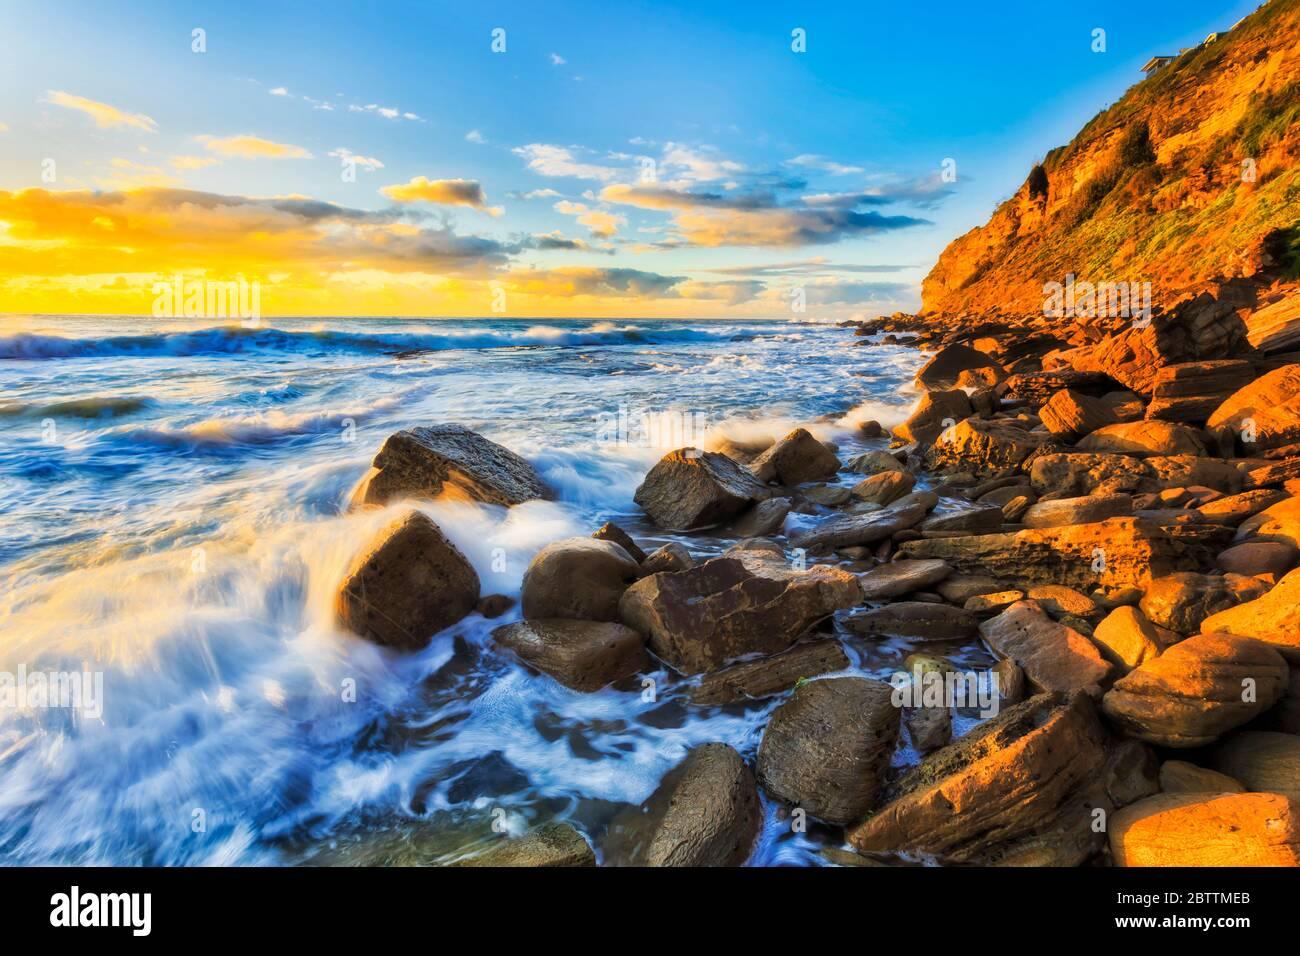 Rochers de grès sous promontoire à Bungan plage des plages du nord de Sydney dans la douce lumière du matin. Banque D'Images